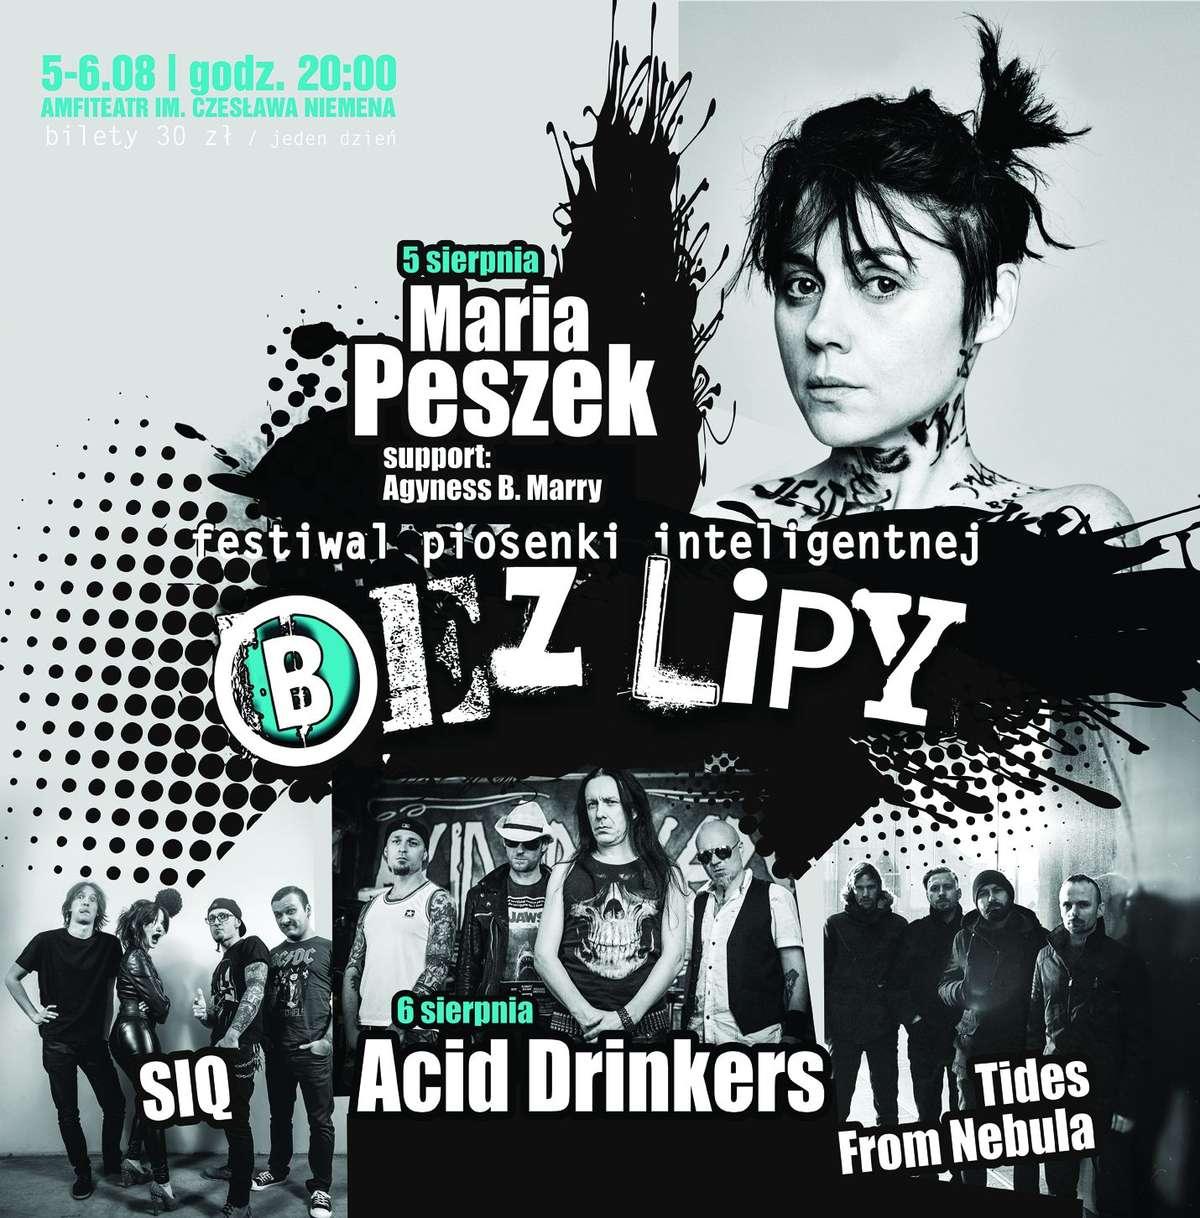 Bez Lipy w amfiteatrze. Na scenie m.in. Maria Peszek i Acid Drinkers - full image